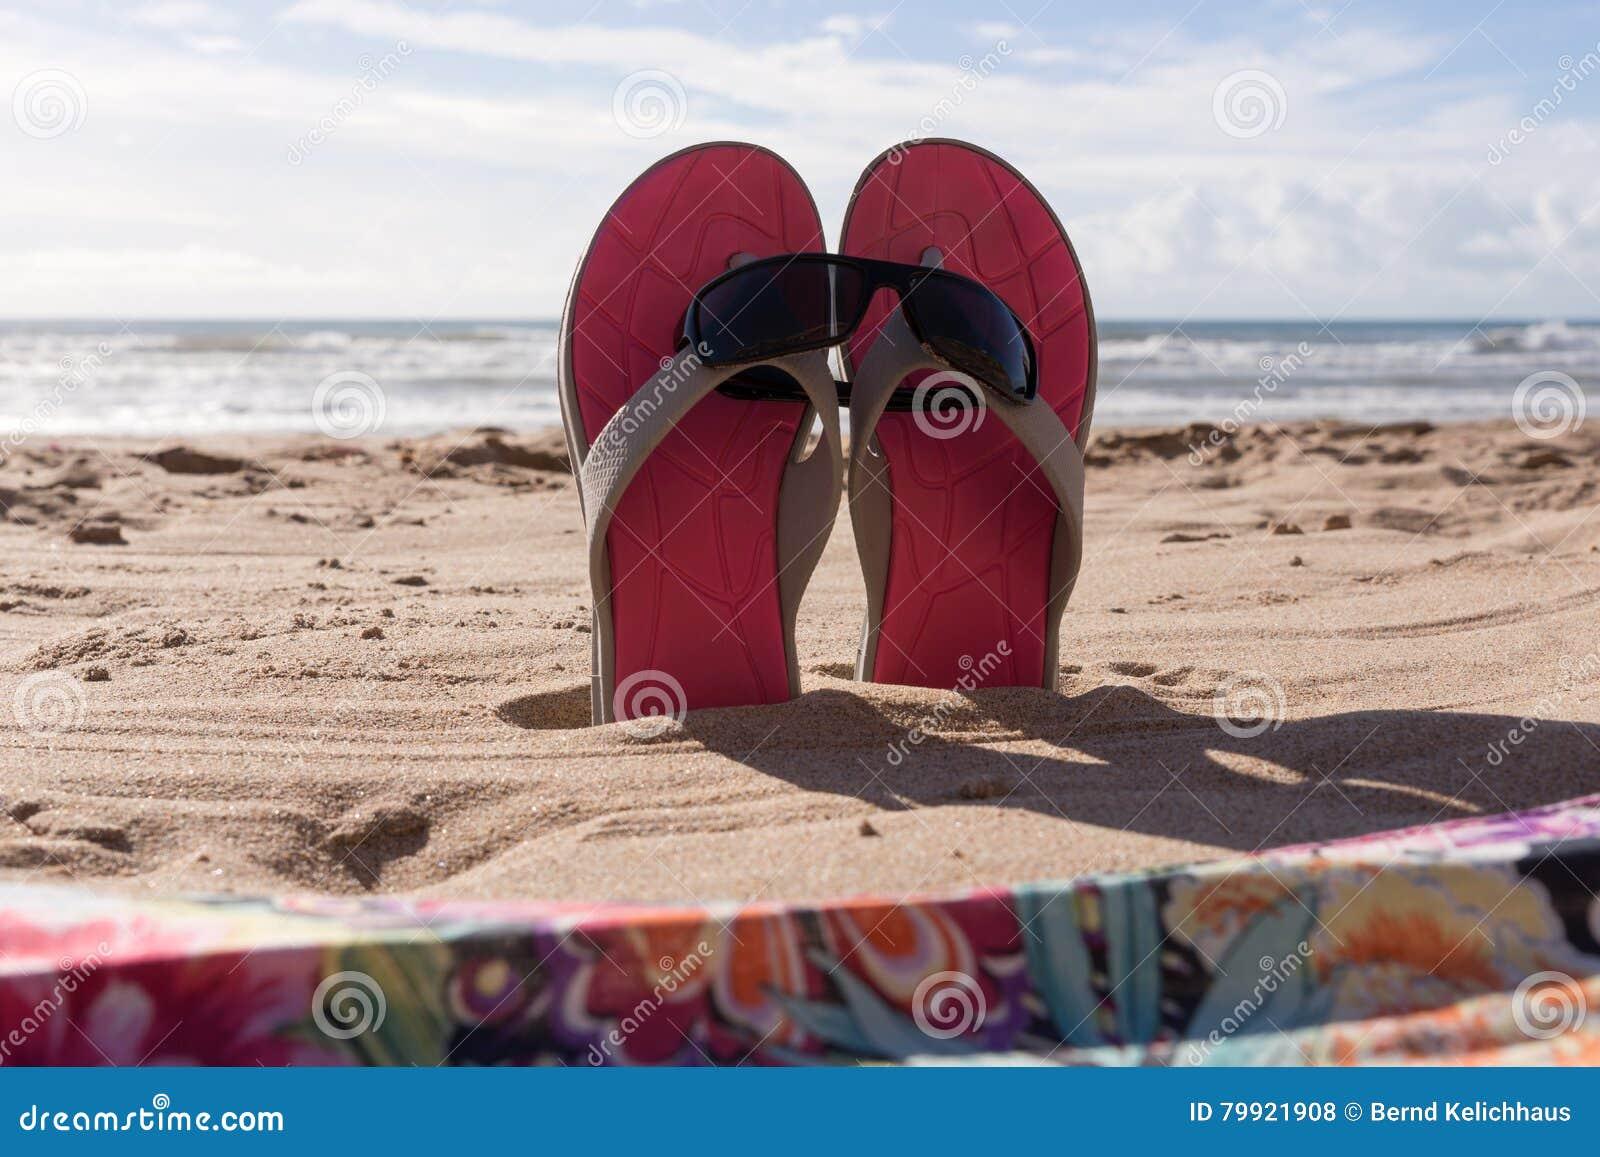 Passen Sie Flipflops mit Sonnenbrille im Sand des Strandes zusammen